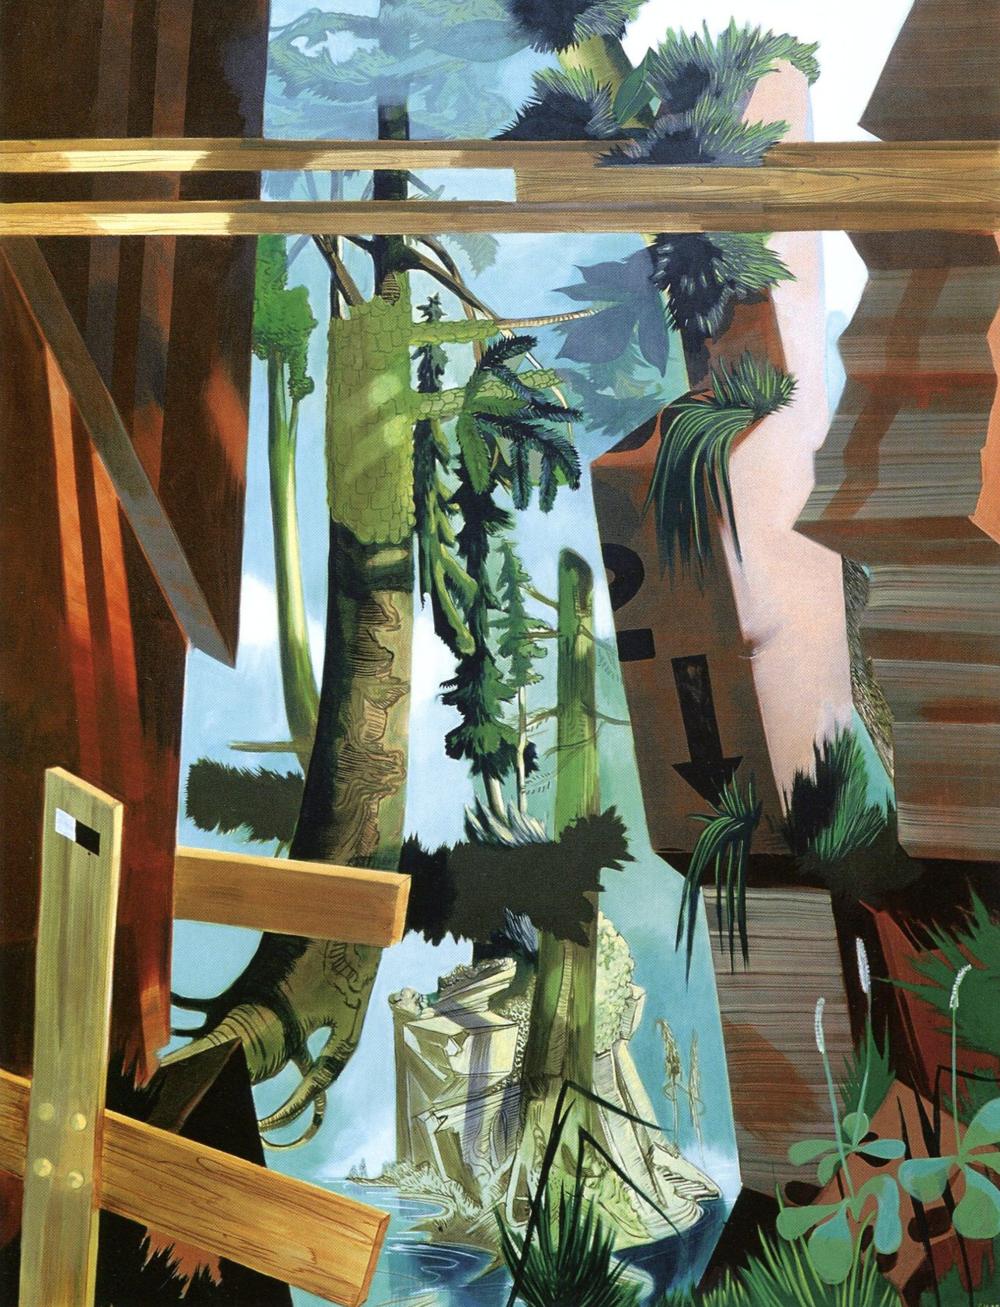 Susanne Kuhn, Quarry , 2005. Pigment, dispersion, and acrylic on canvas, 210 x 160 cm.   © Susanne Kuhn.